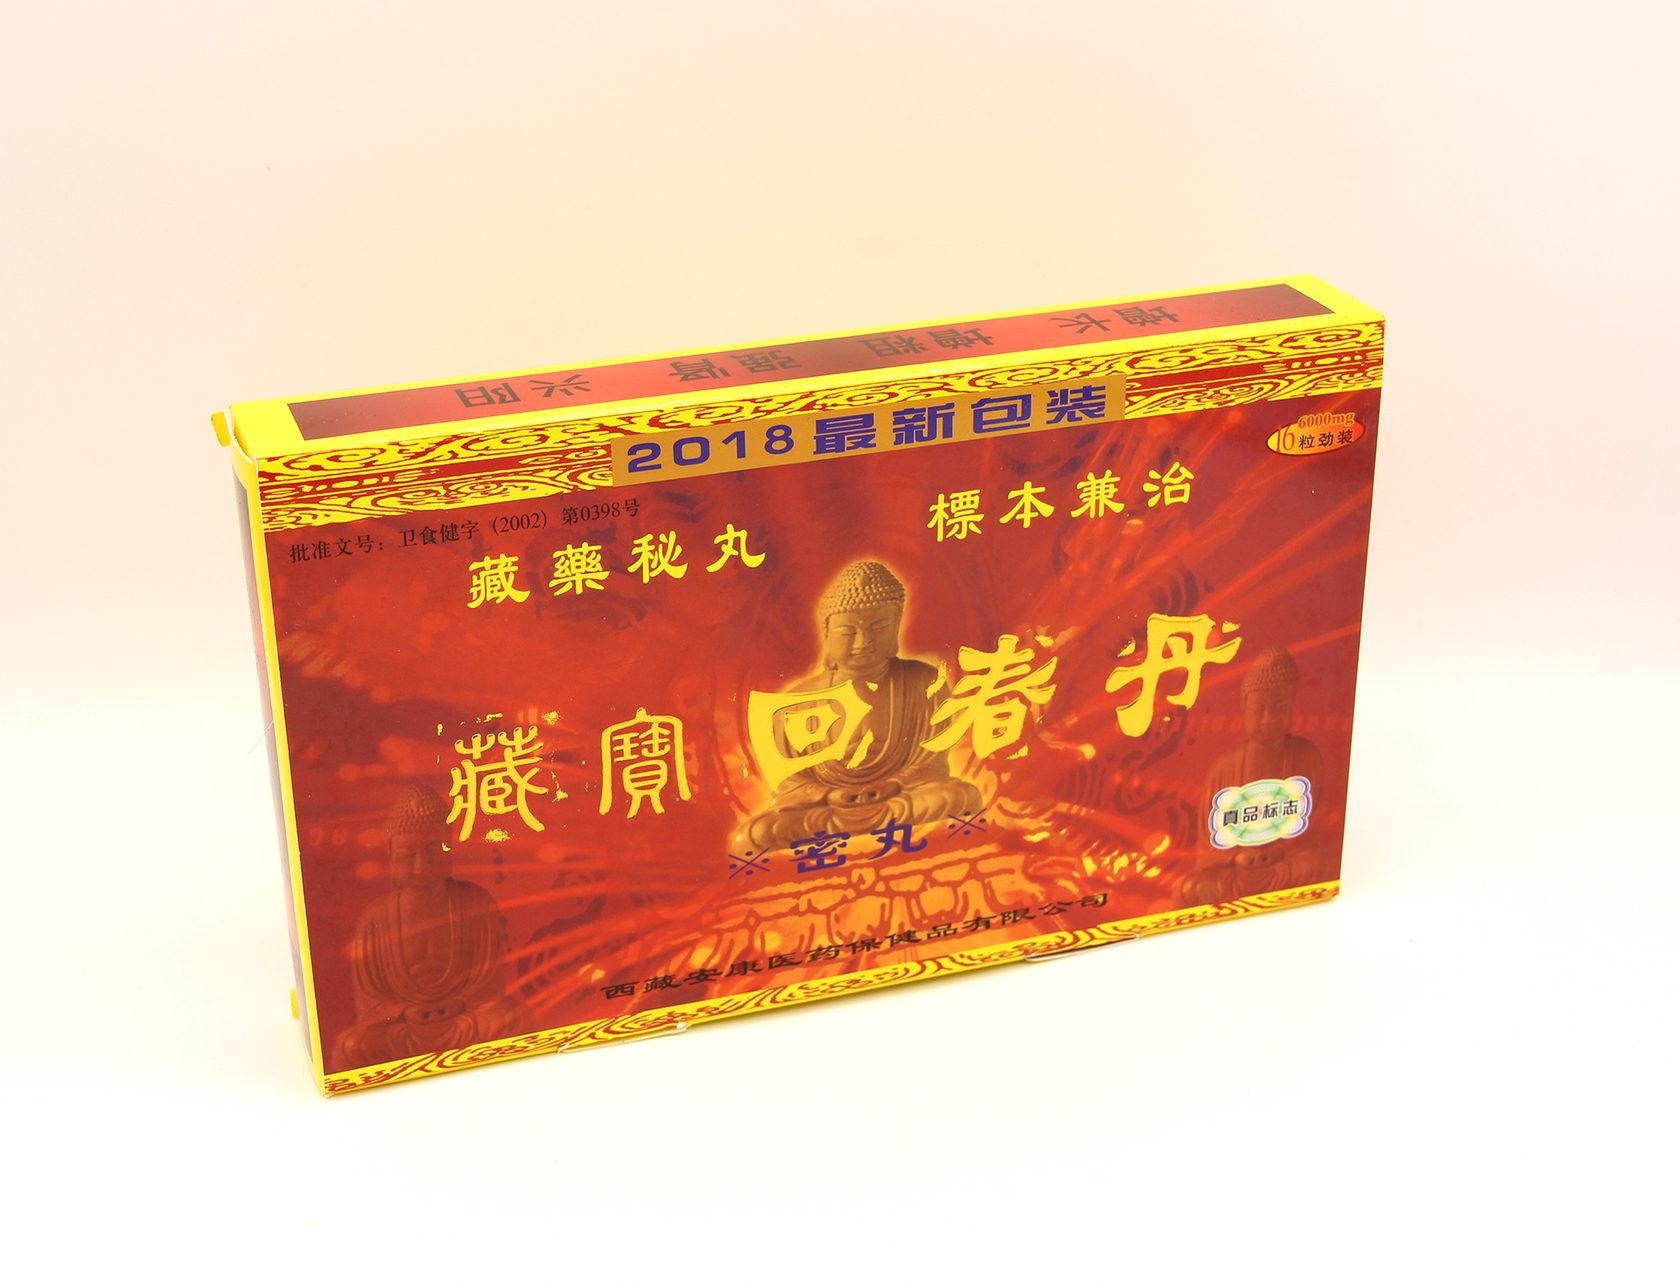 Препарат для усиления потенции и лечения простатита цзаньбао какой препарат от простатита лучшей отзывы